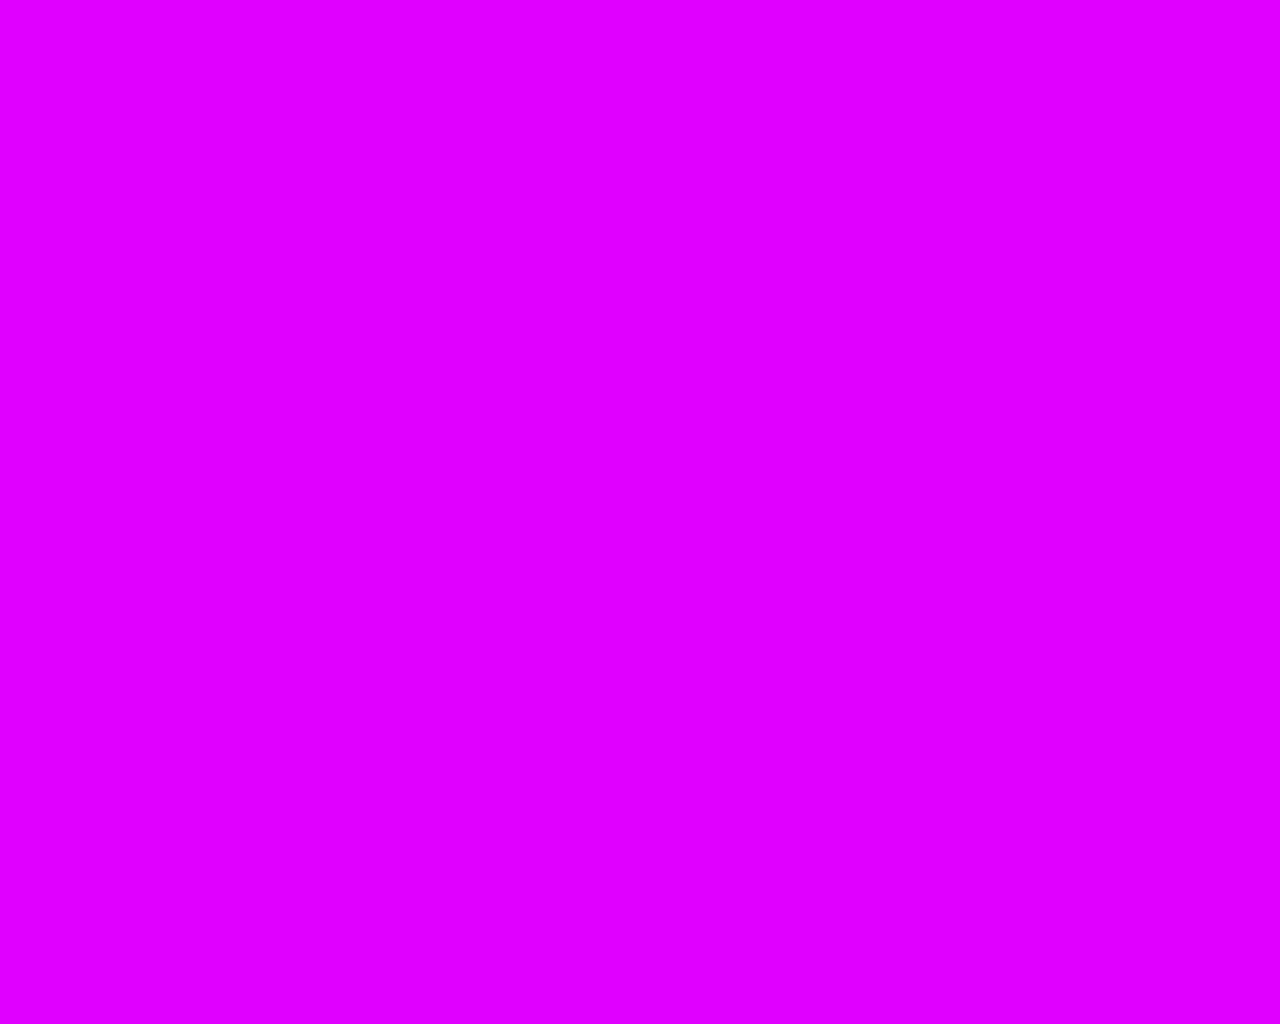 purple color backgrounds wallpaper cave